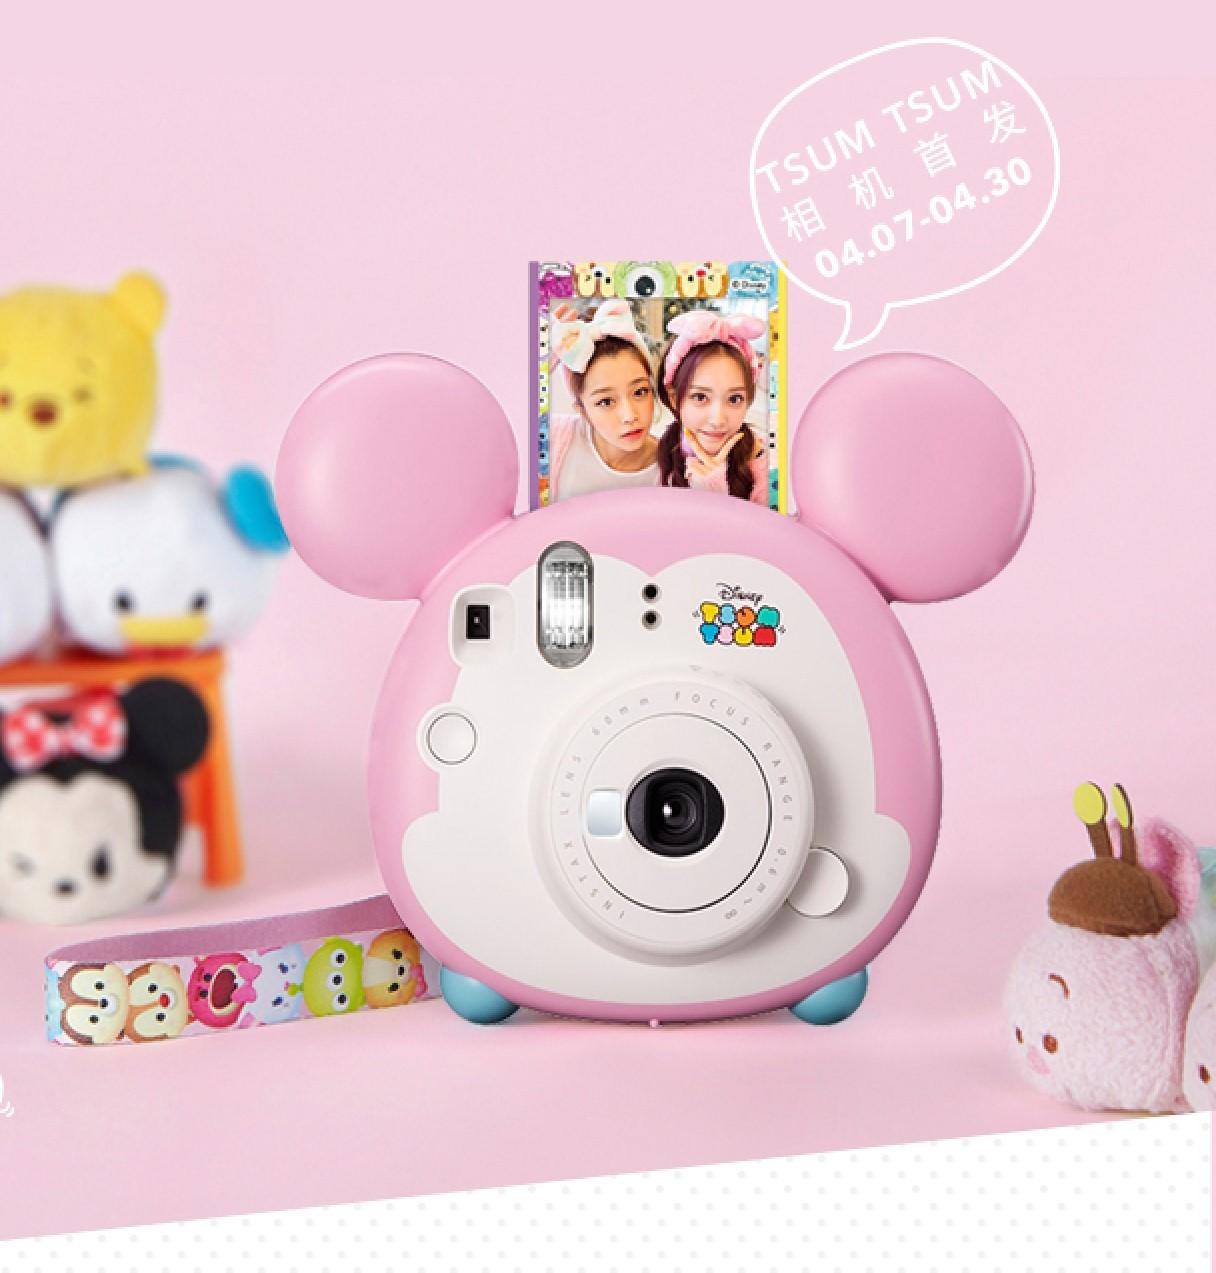 富士相机instax mini9套餐含拍立得相纸情人圣诞礼物迪士尼限量版